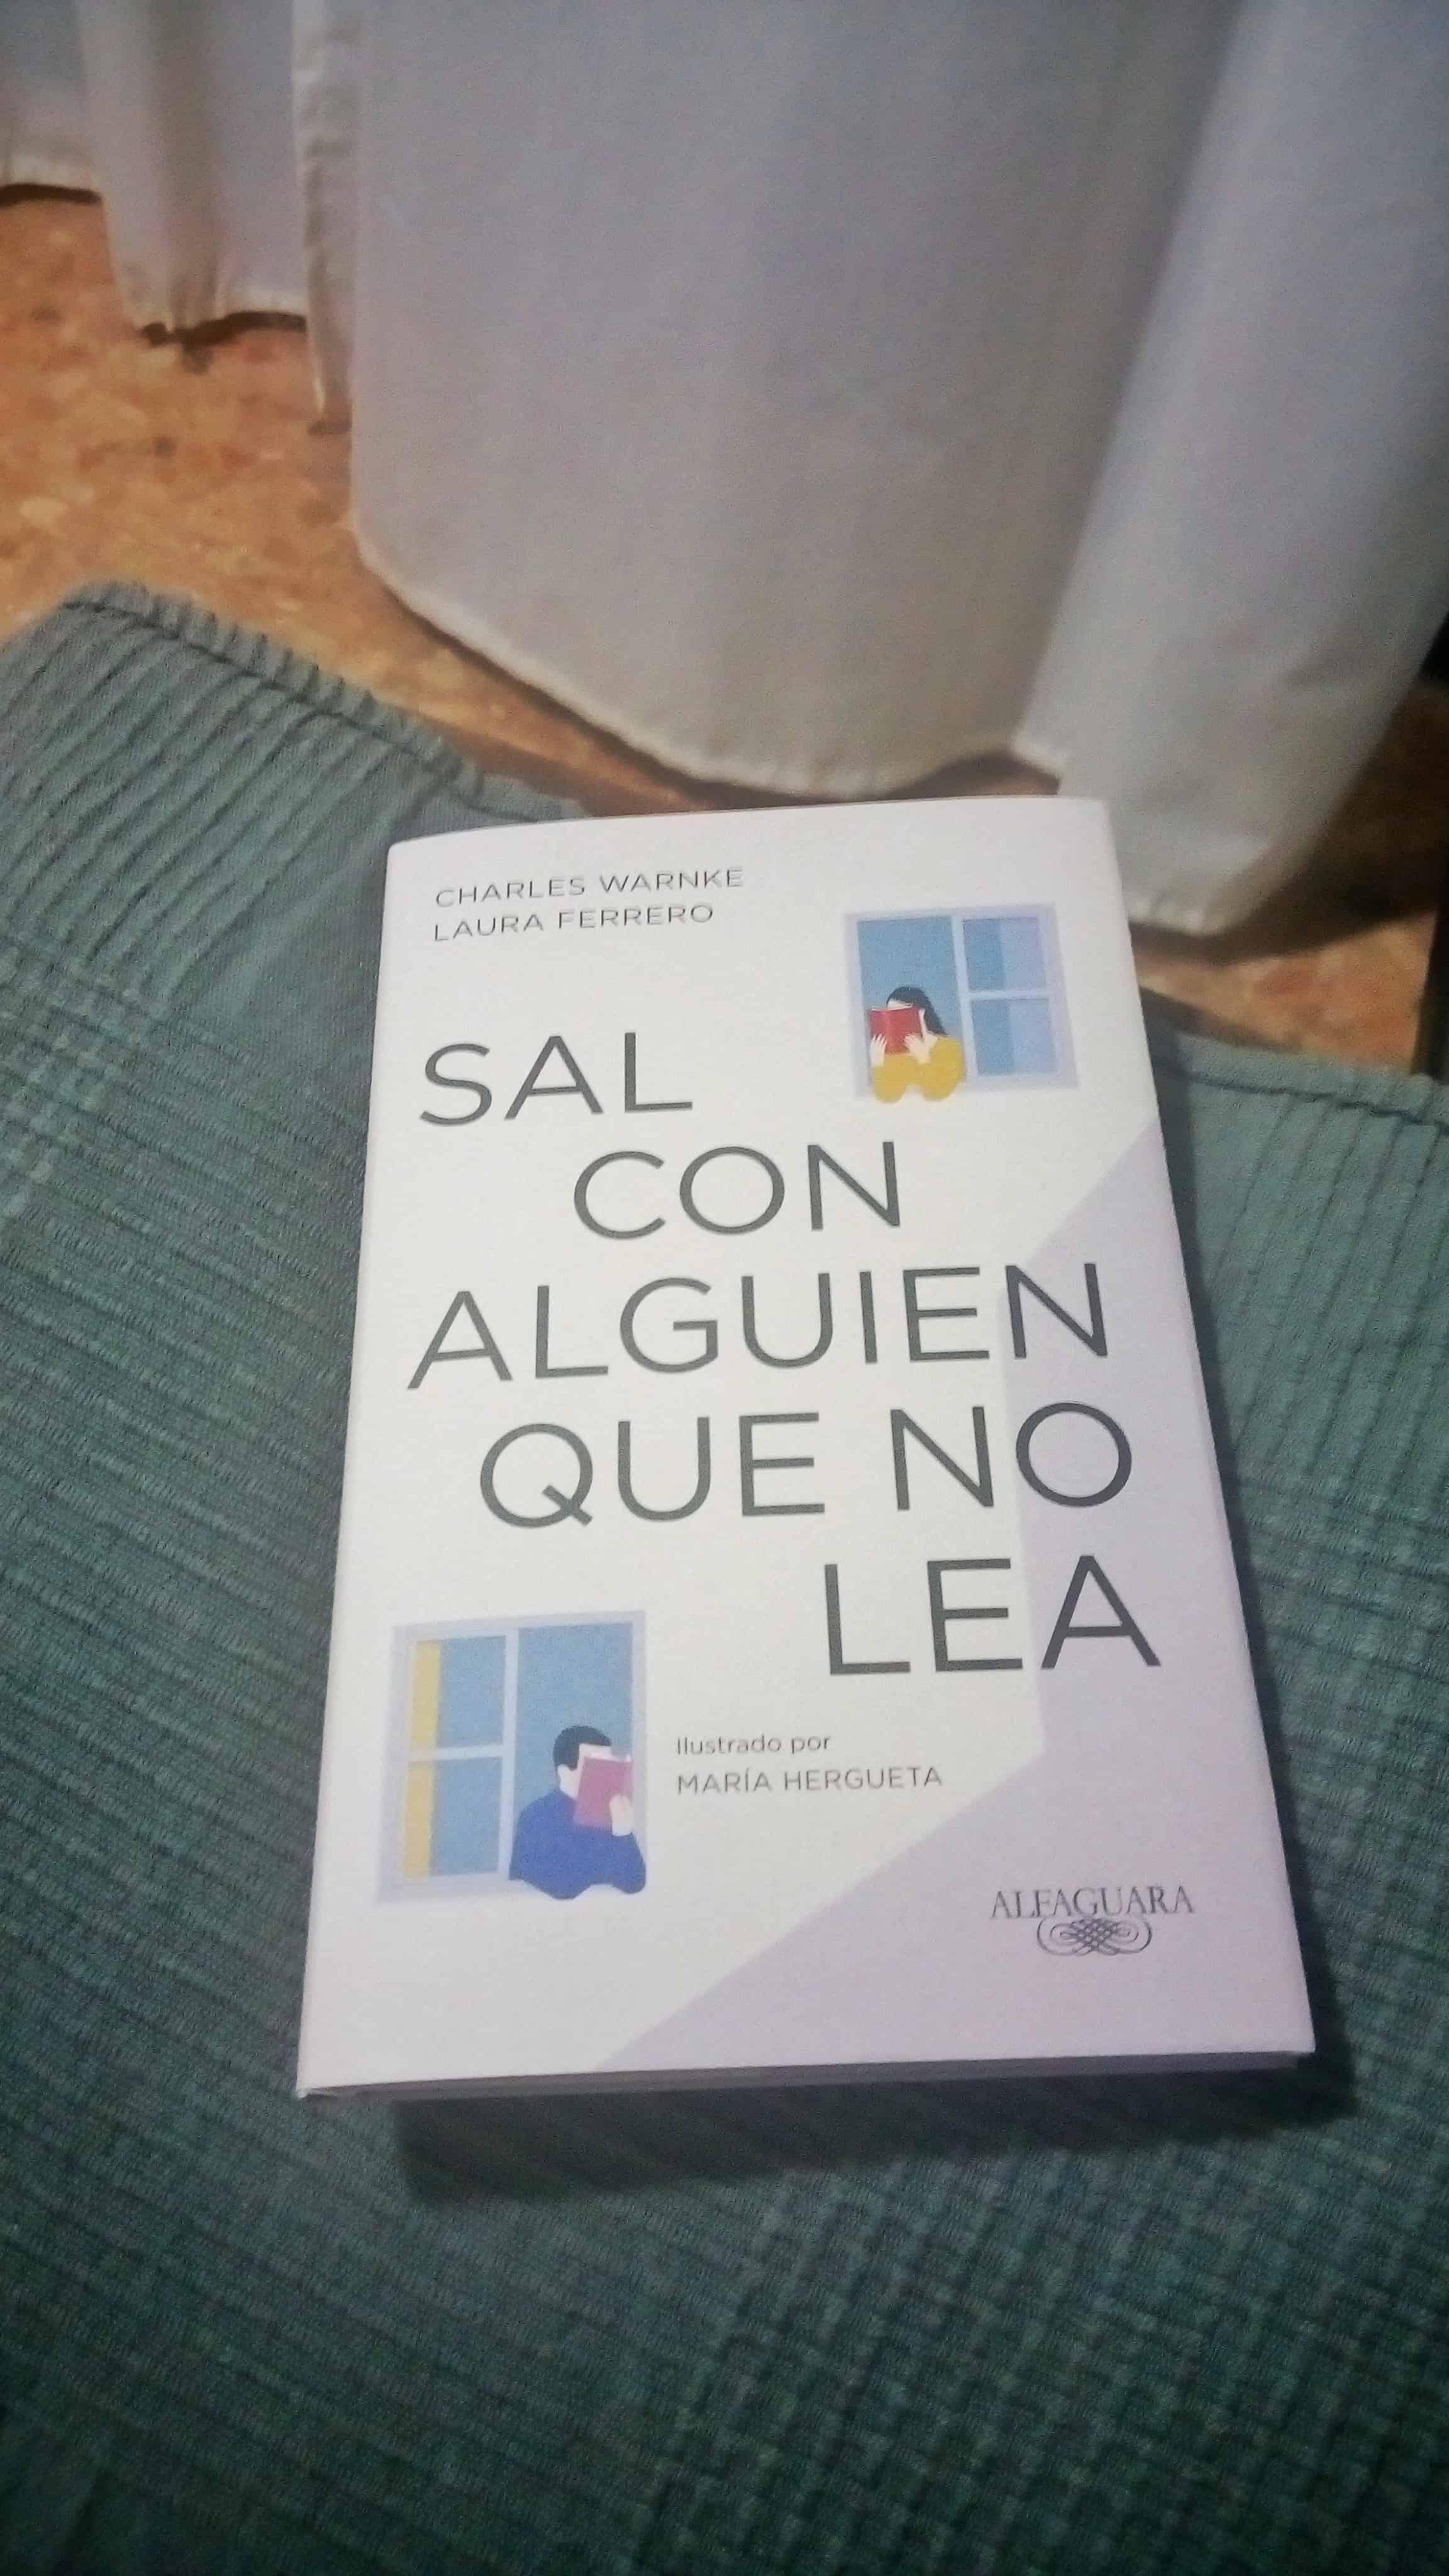 SAL CON ALGUIEN QUE NO LEA, de Charles Warnke y Laura Ferrero.